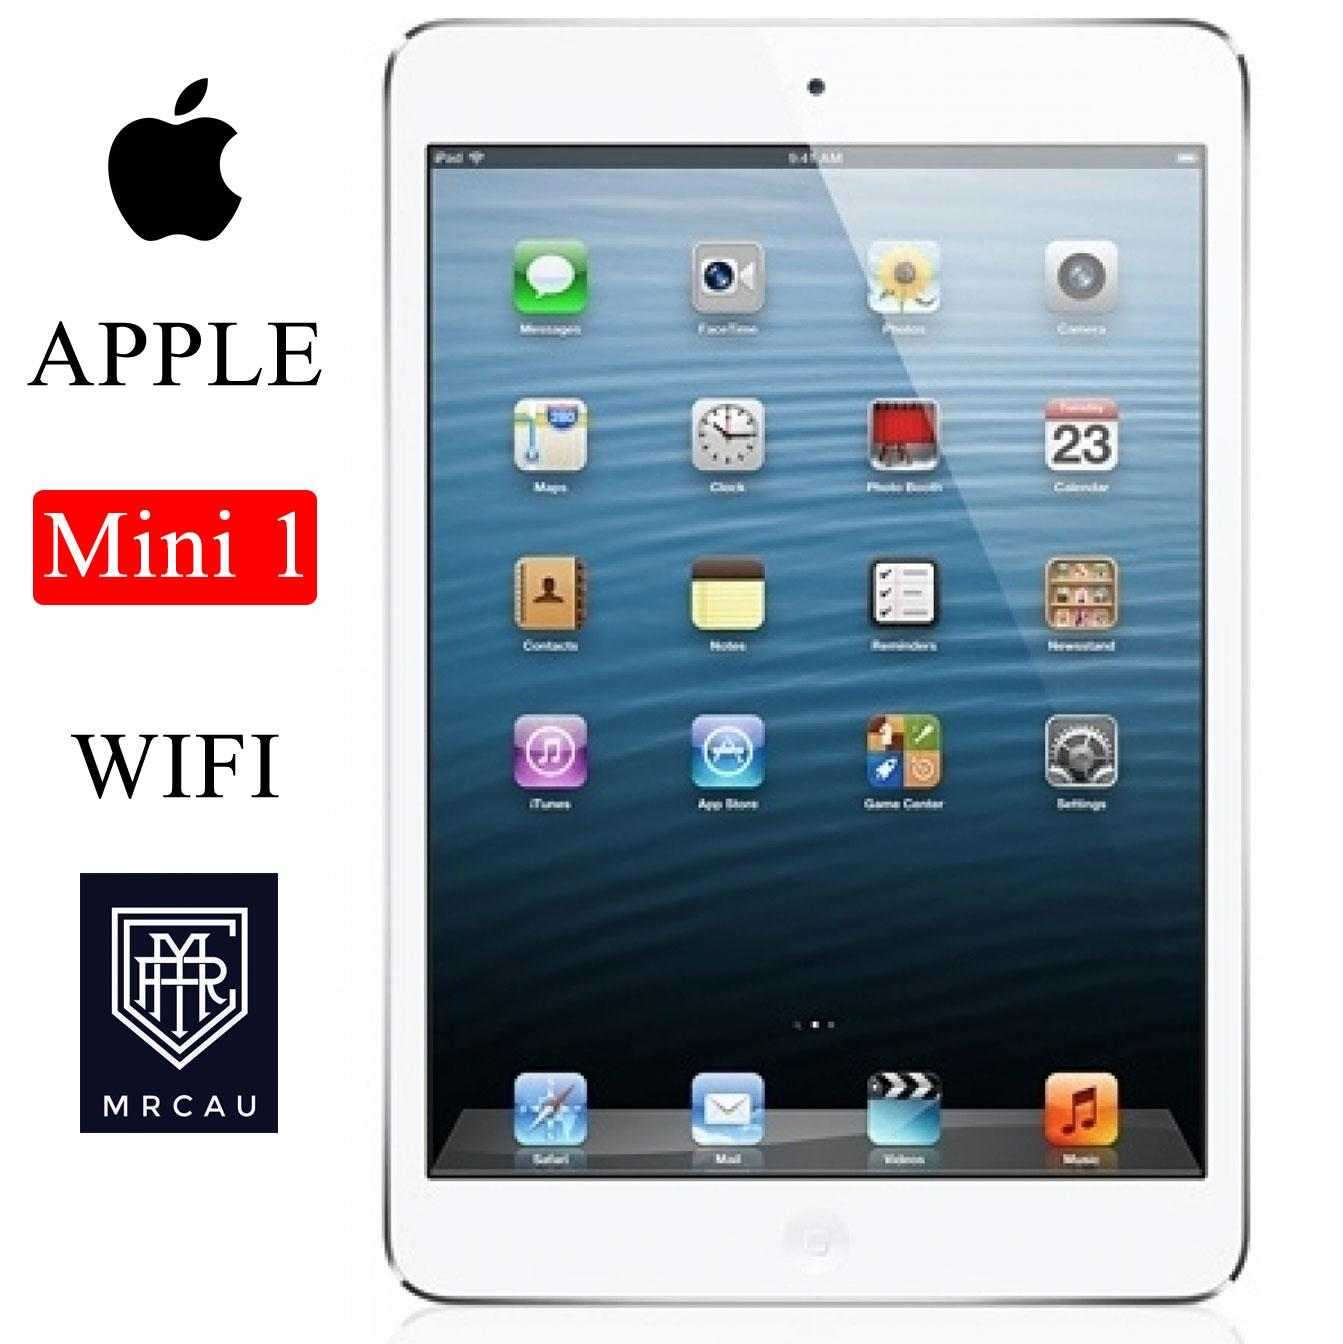 Máy tính bảng Apple IPAD Mini 1 -16GB - 2 Phiên bản 3G + WIFI hoặc Bản WIFI ONLY -  Full ứng dụng - Full phụ kiện - Bao đổi trả 30 ngày - Bảo hành 6 Tháng - Yên tâm mua sắm với Mr Cầu Shop (Máy tính bảng giá rẻ) Nhật Bản